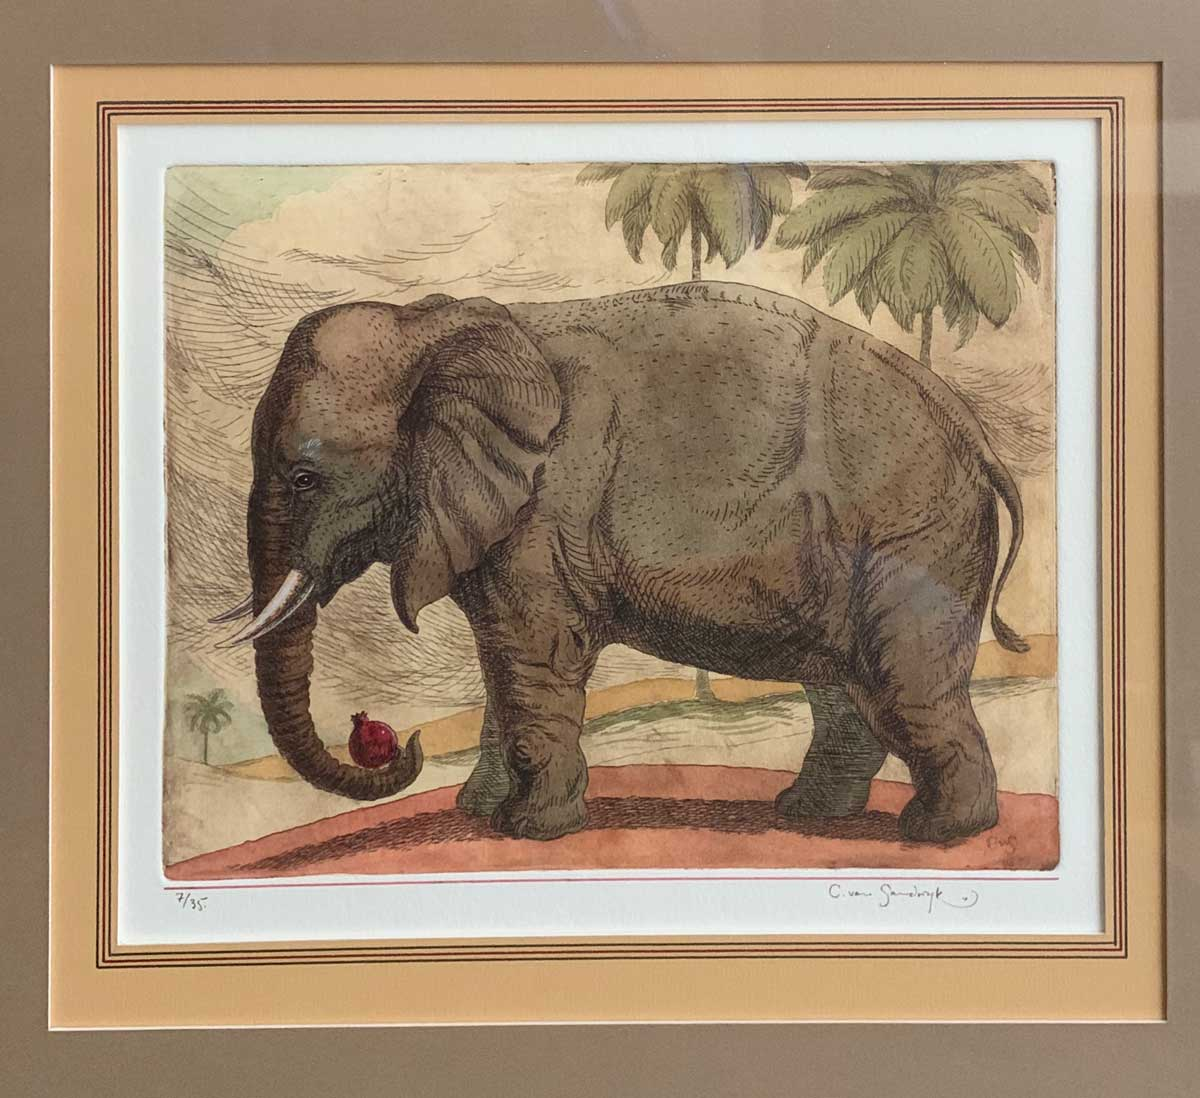 Elephant, painted etching (Charles van Sandwyk, 1999)